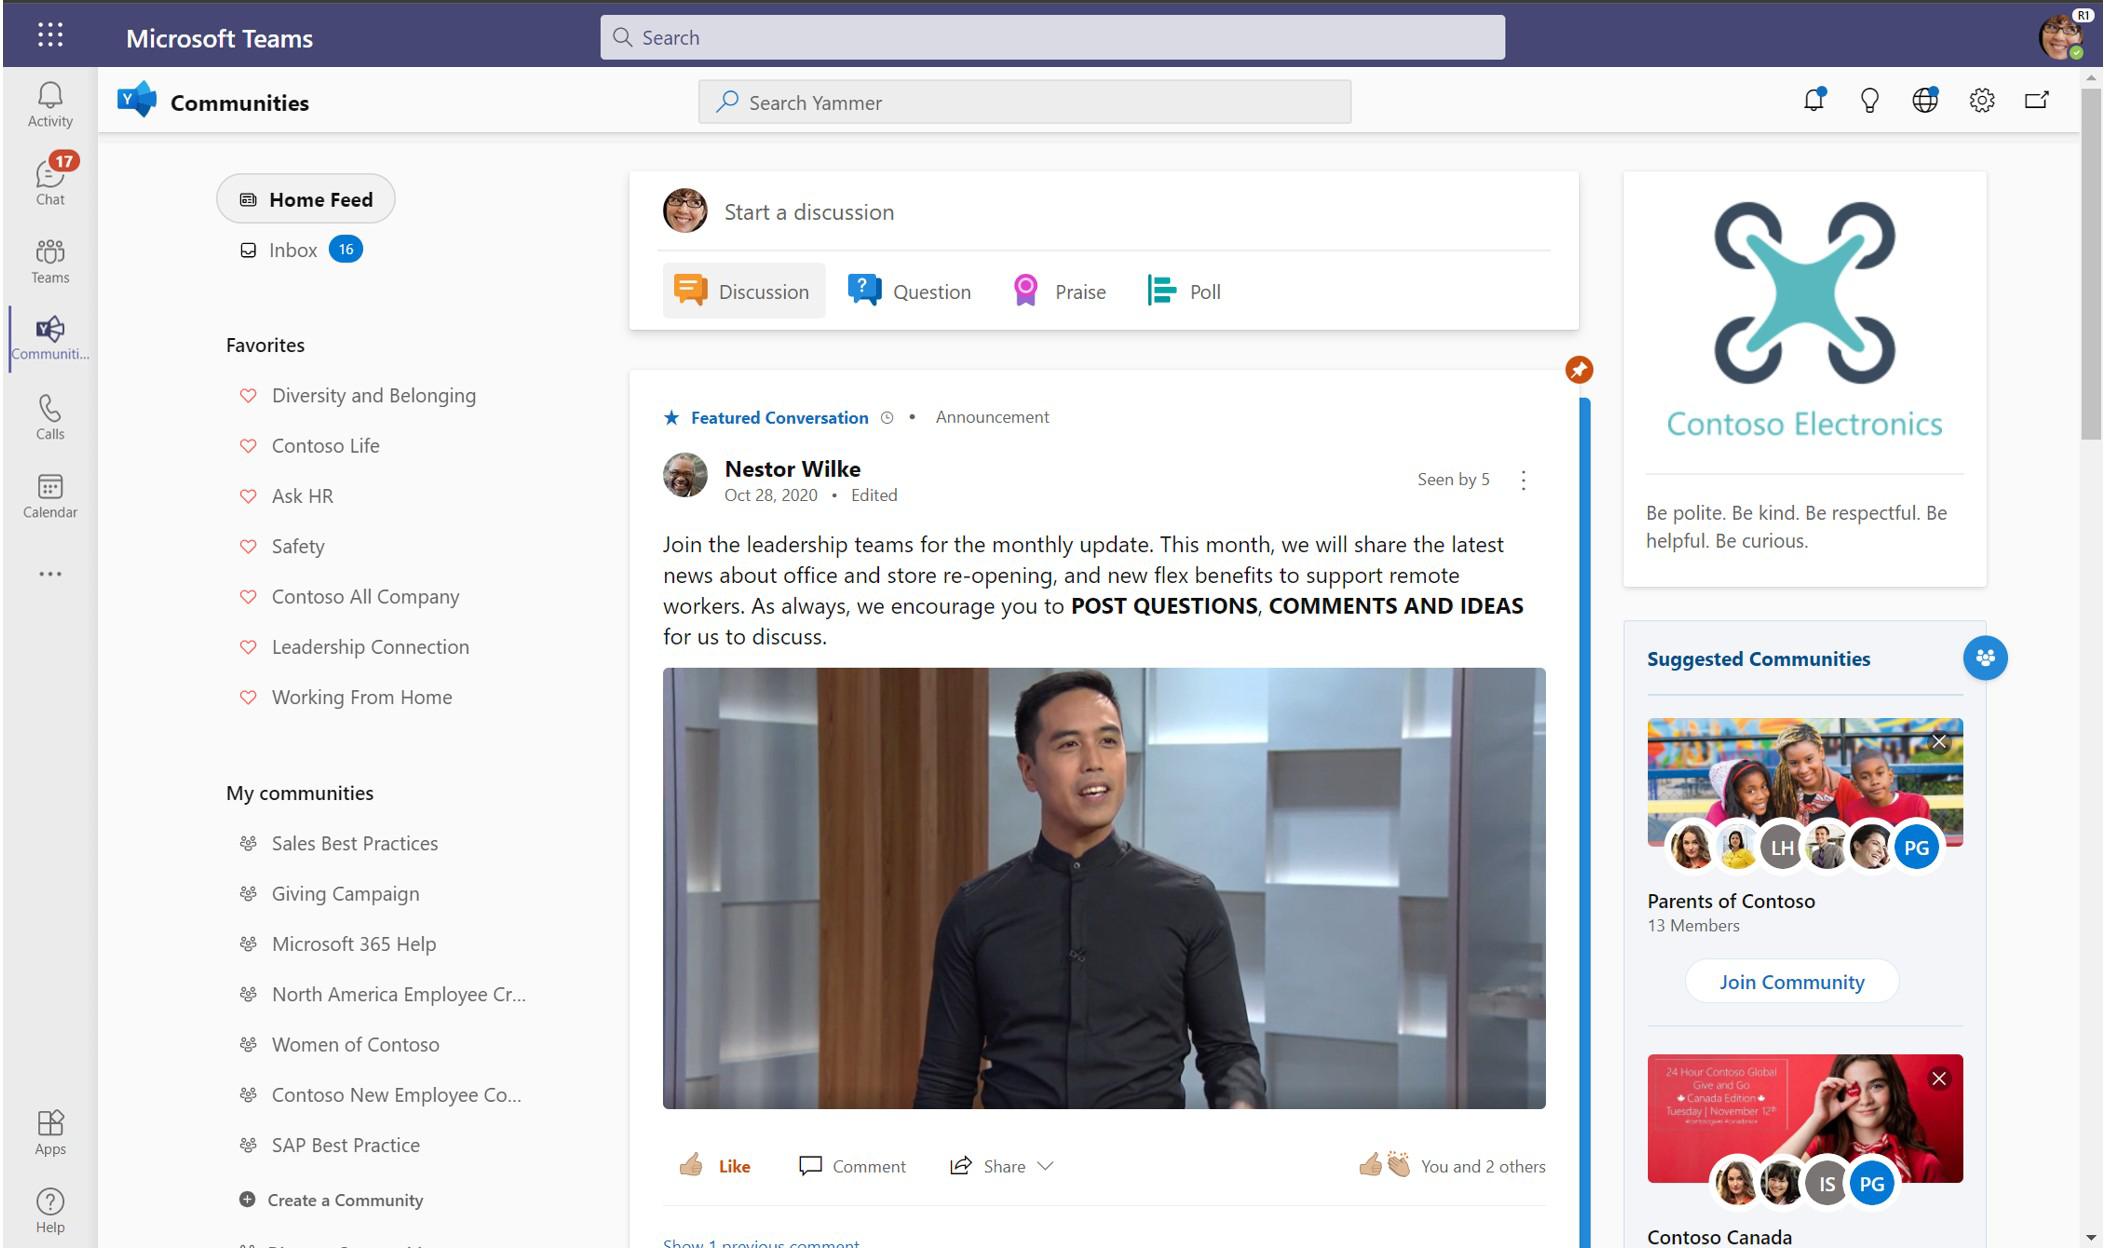 Capture d'écran montrant l'affichage complet de l Yammer de l'application Communautés dans Teams